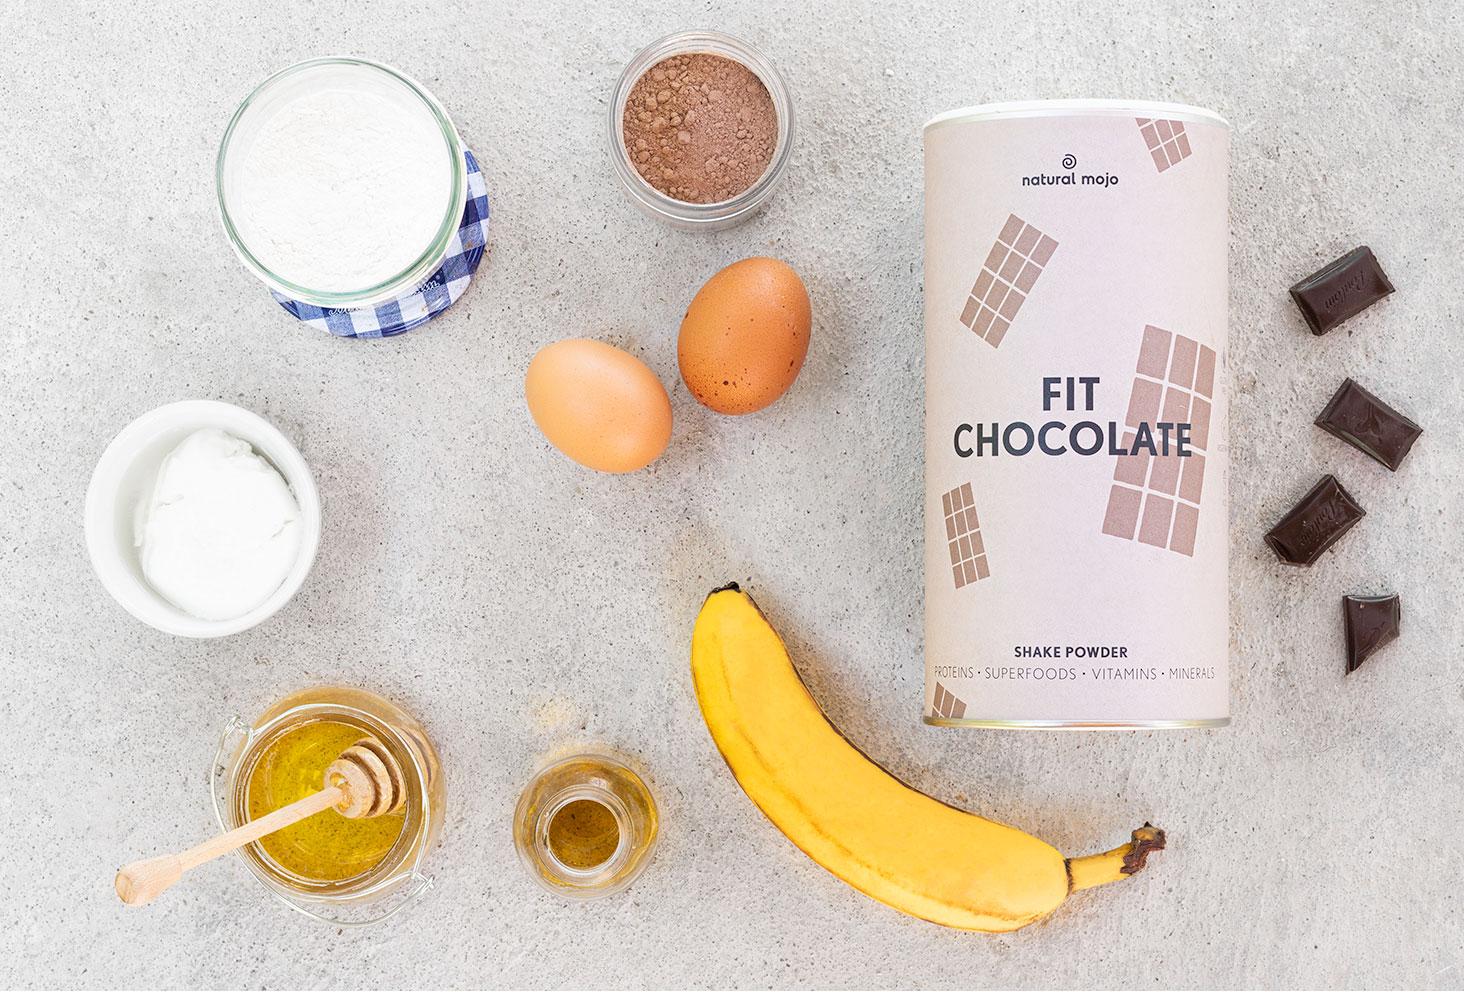 Ingrédients pour la recette du banana bread protéiné avec le Fit Chocolate de Natural Mojo